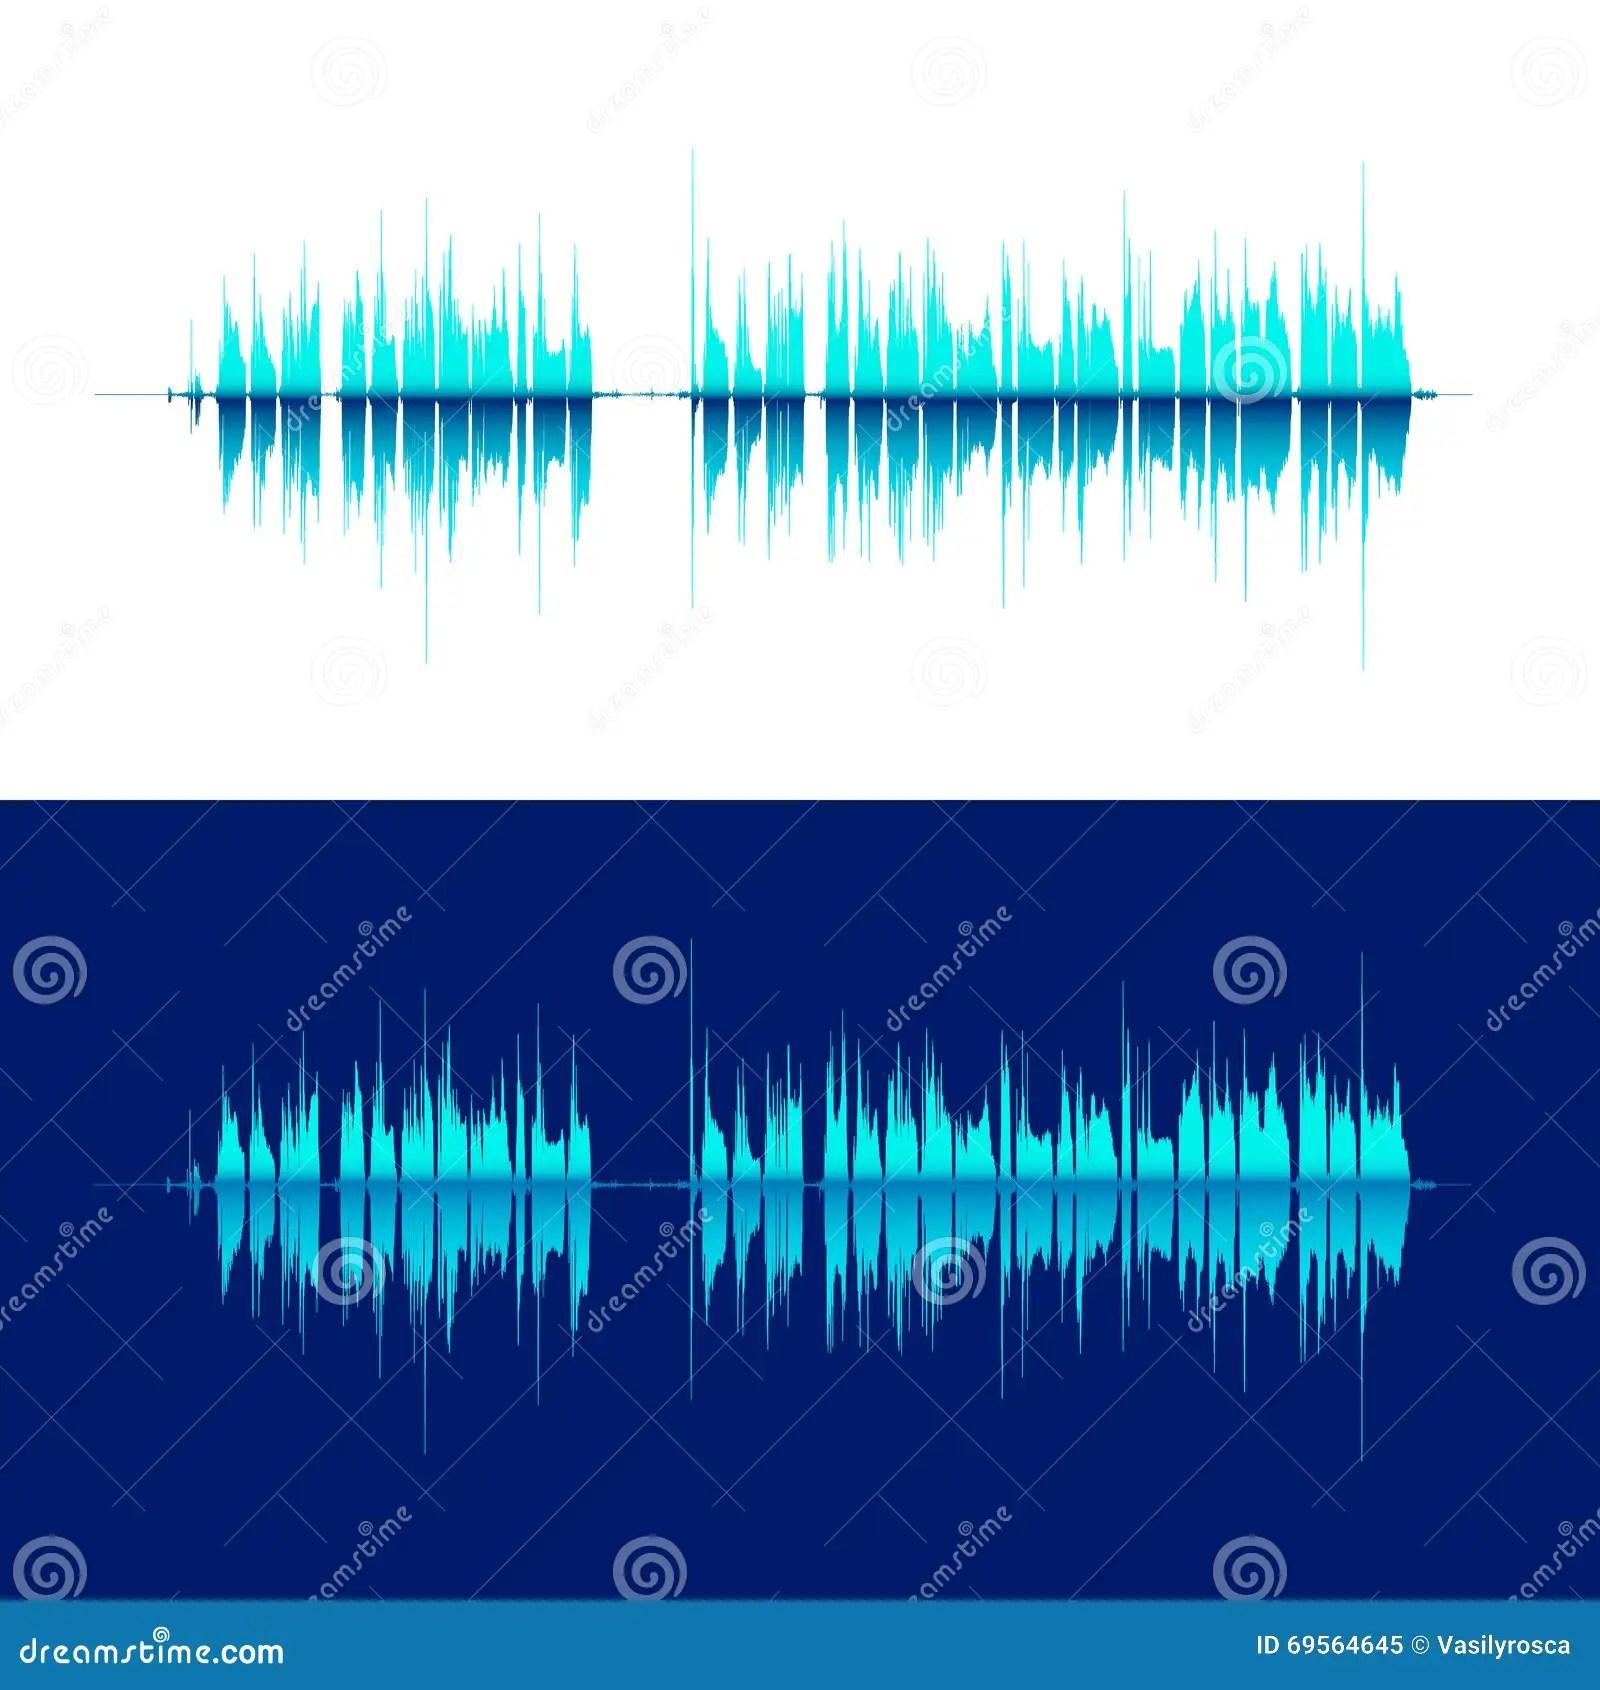 歌曲的音頻信號,人的聲音與音樂的頻率范圍各是多少?